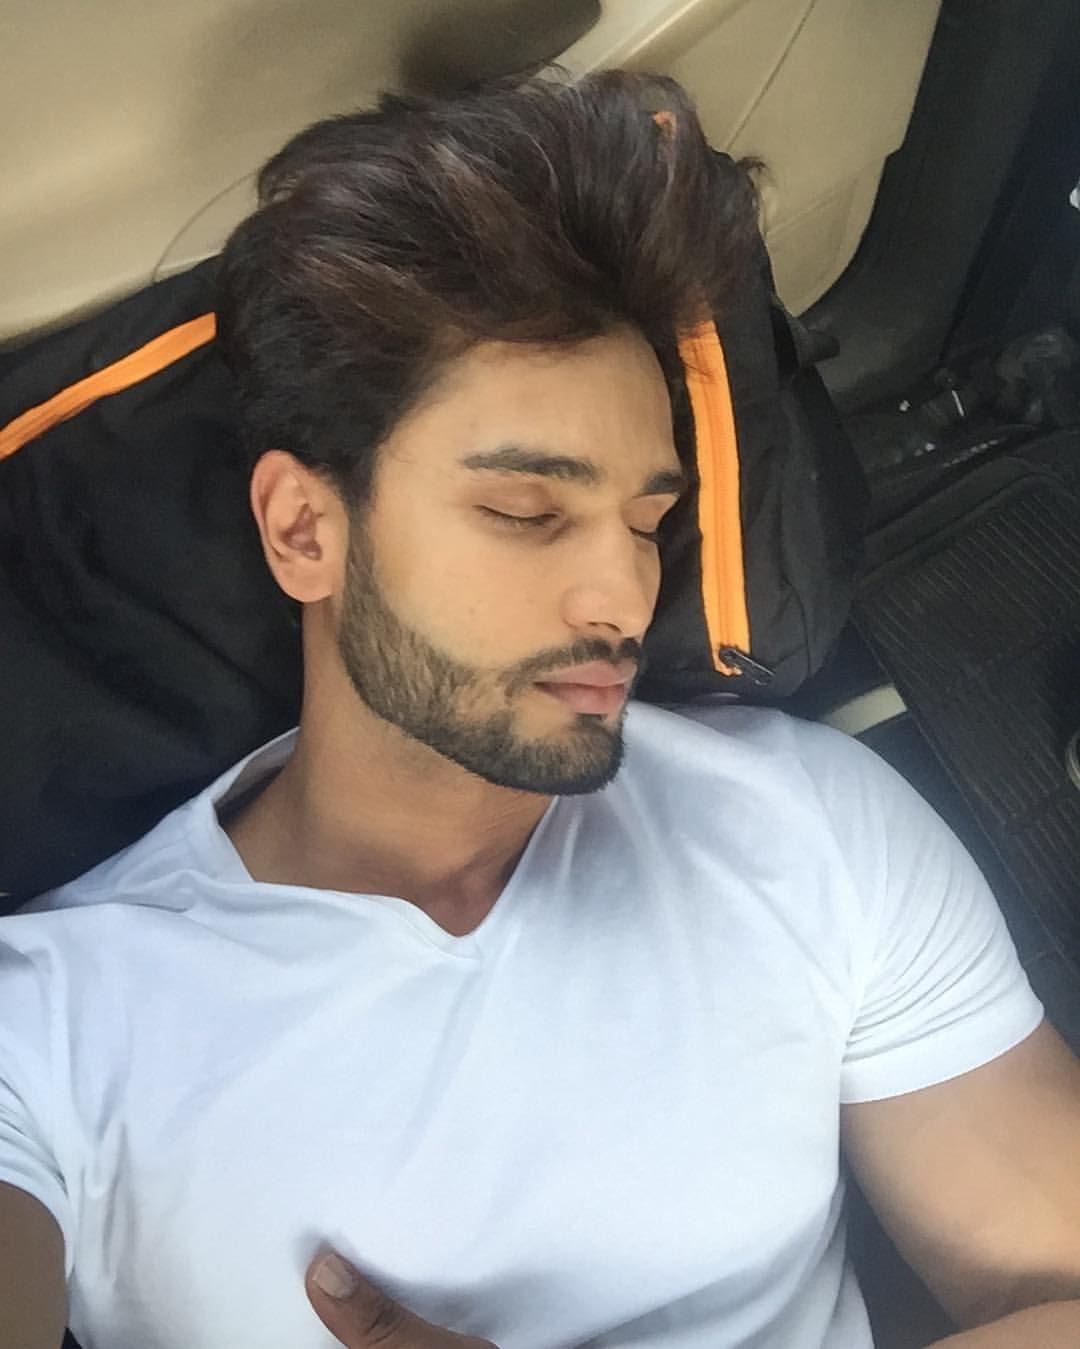 rohit khandelwal winner mister world 2016 | beard styles for